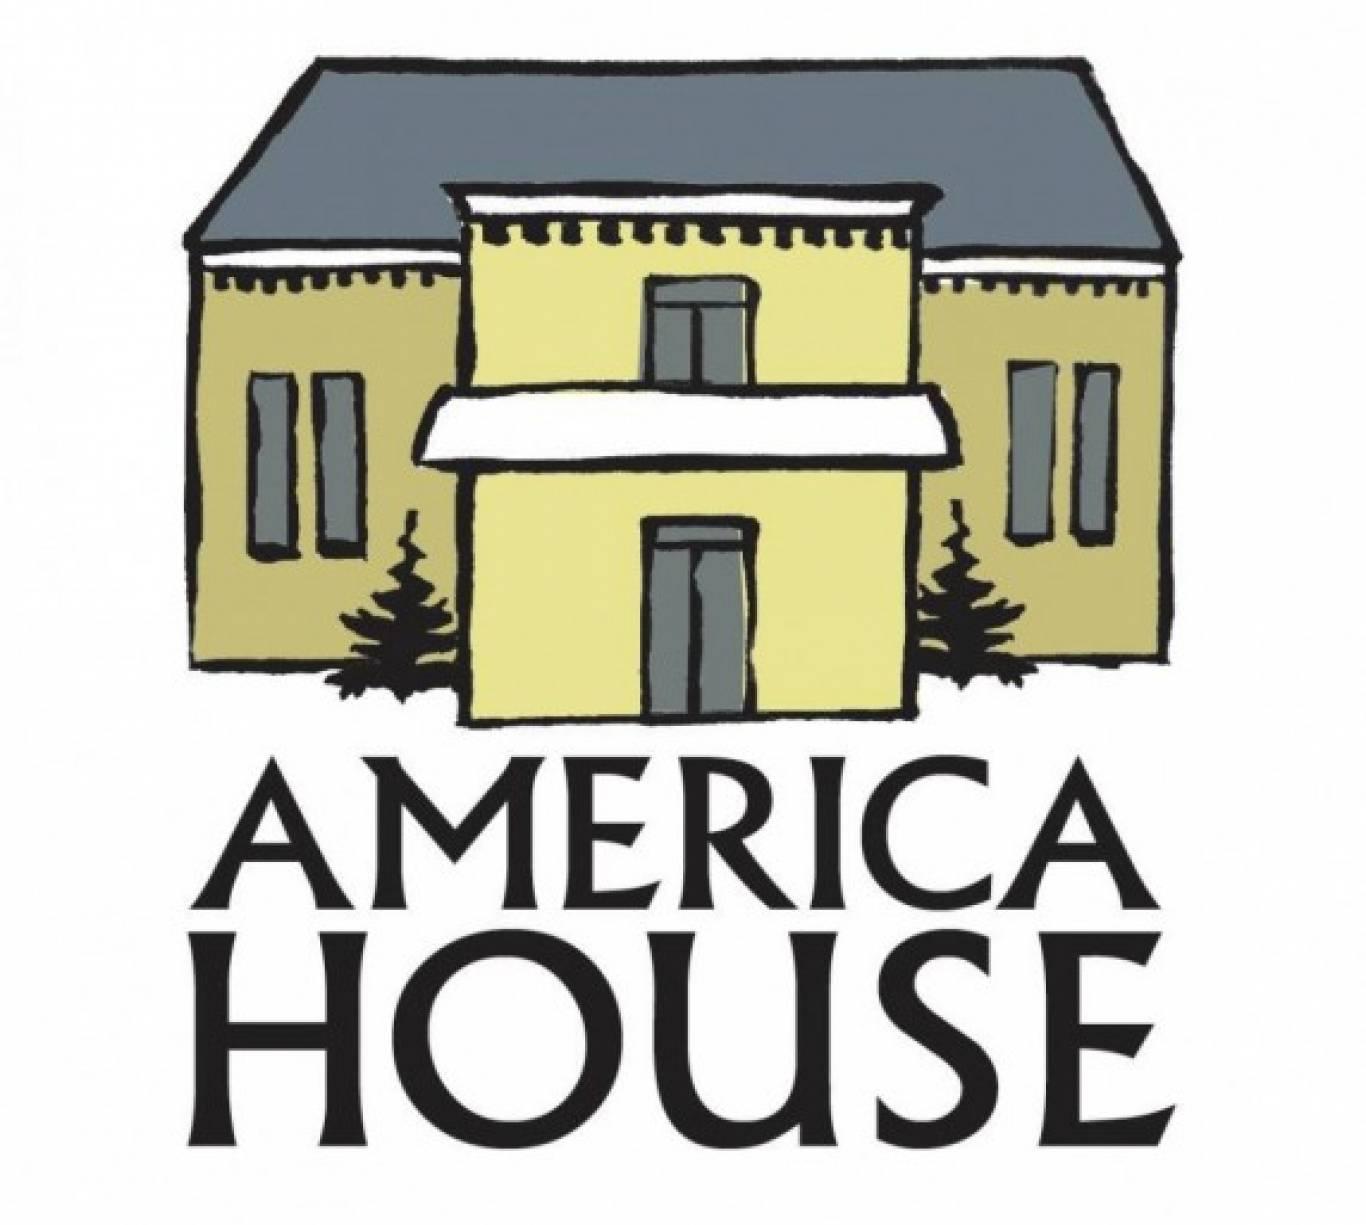 Освітній проект PROmusic USA про співпрацю з американськими музикантами